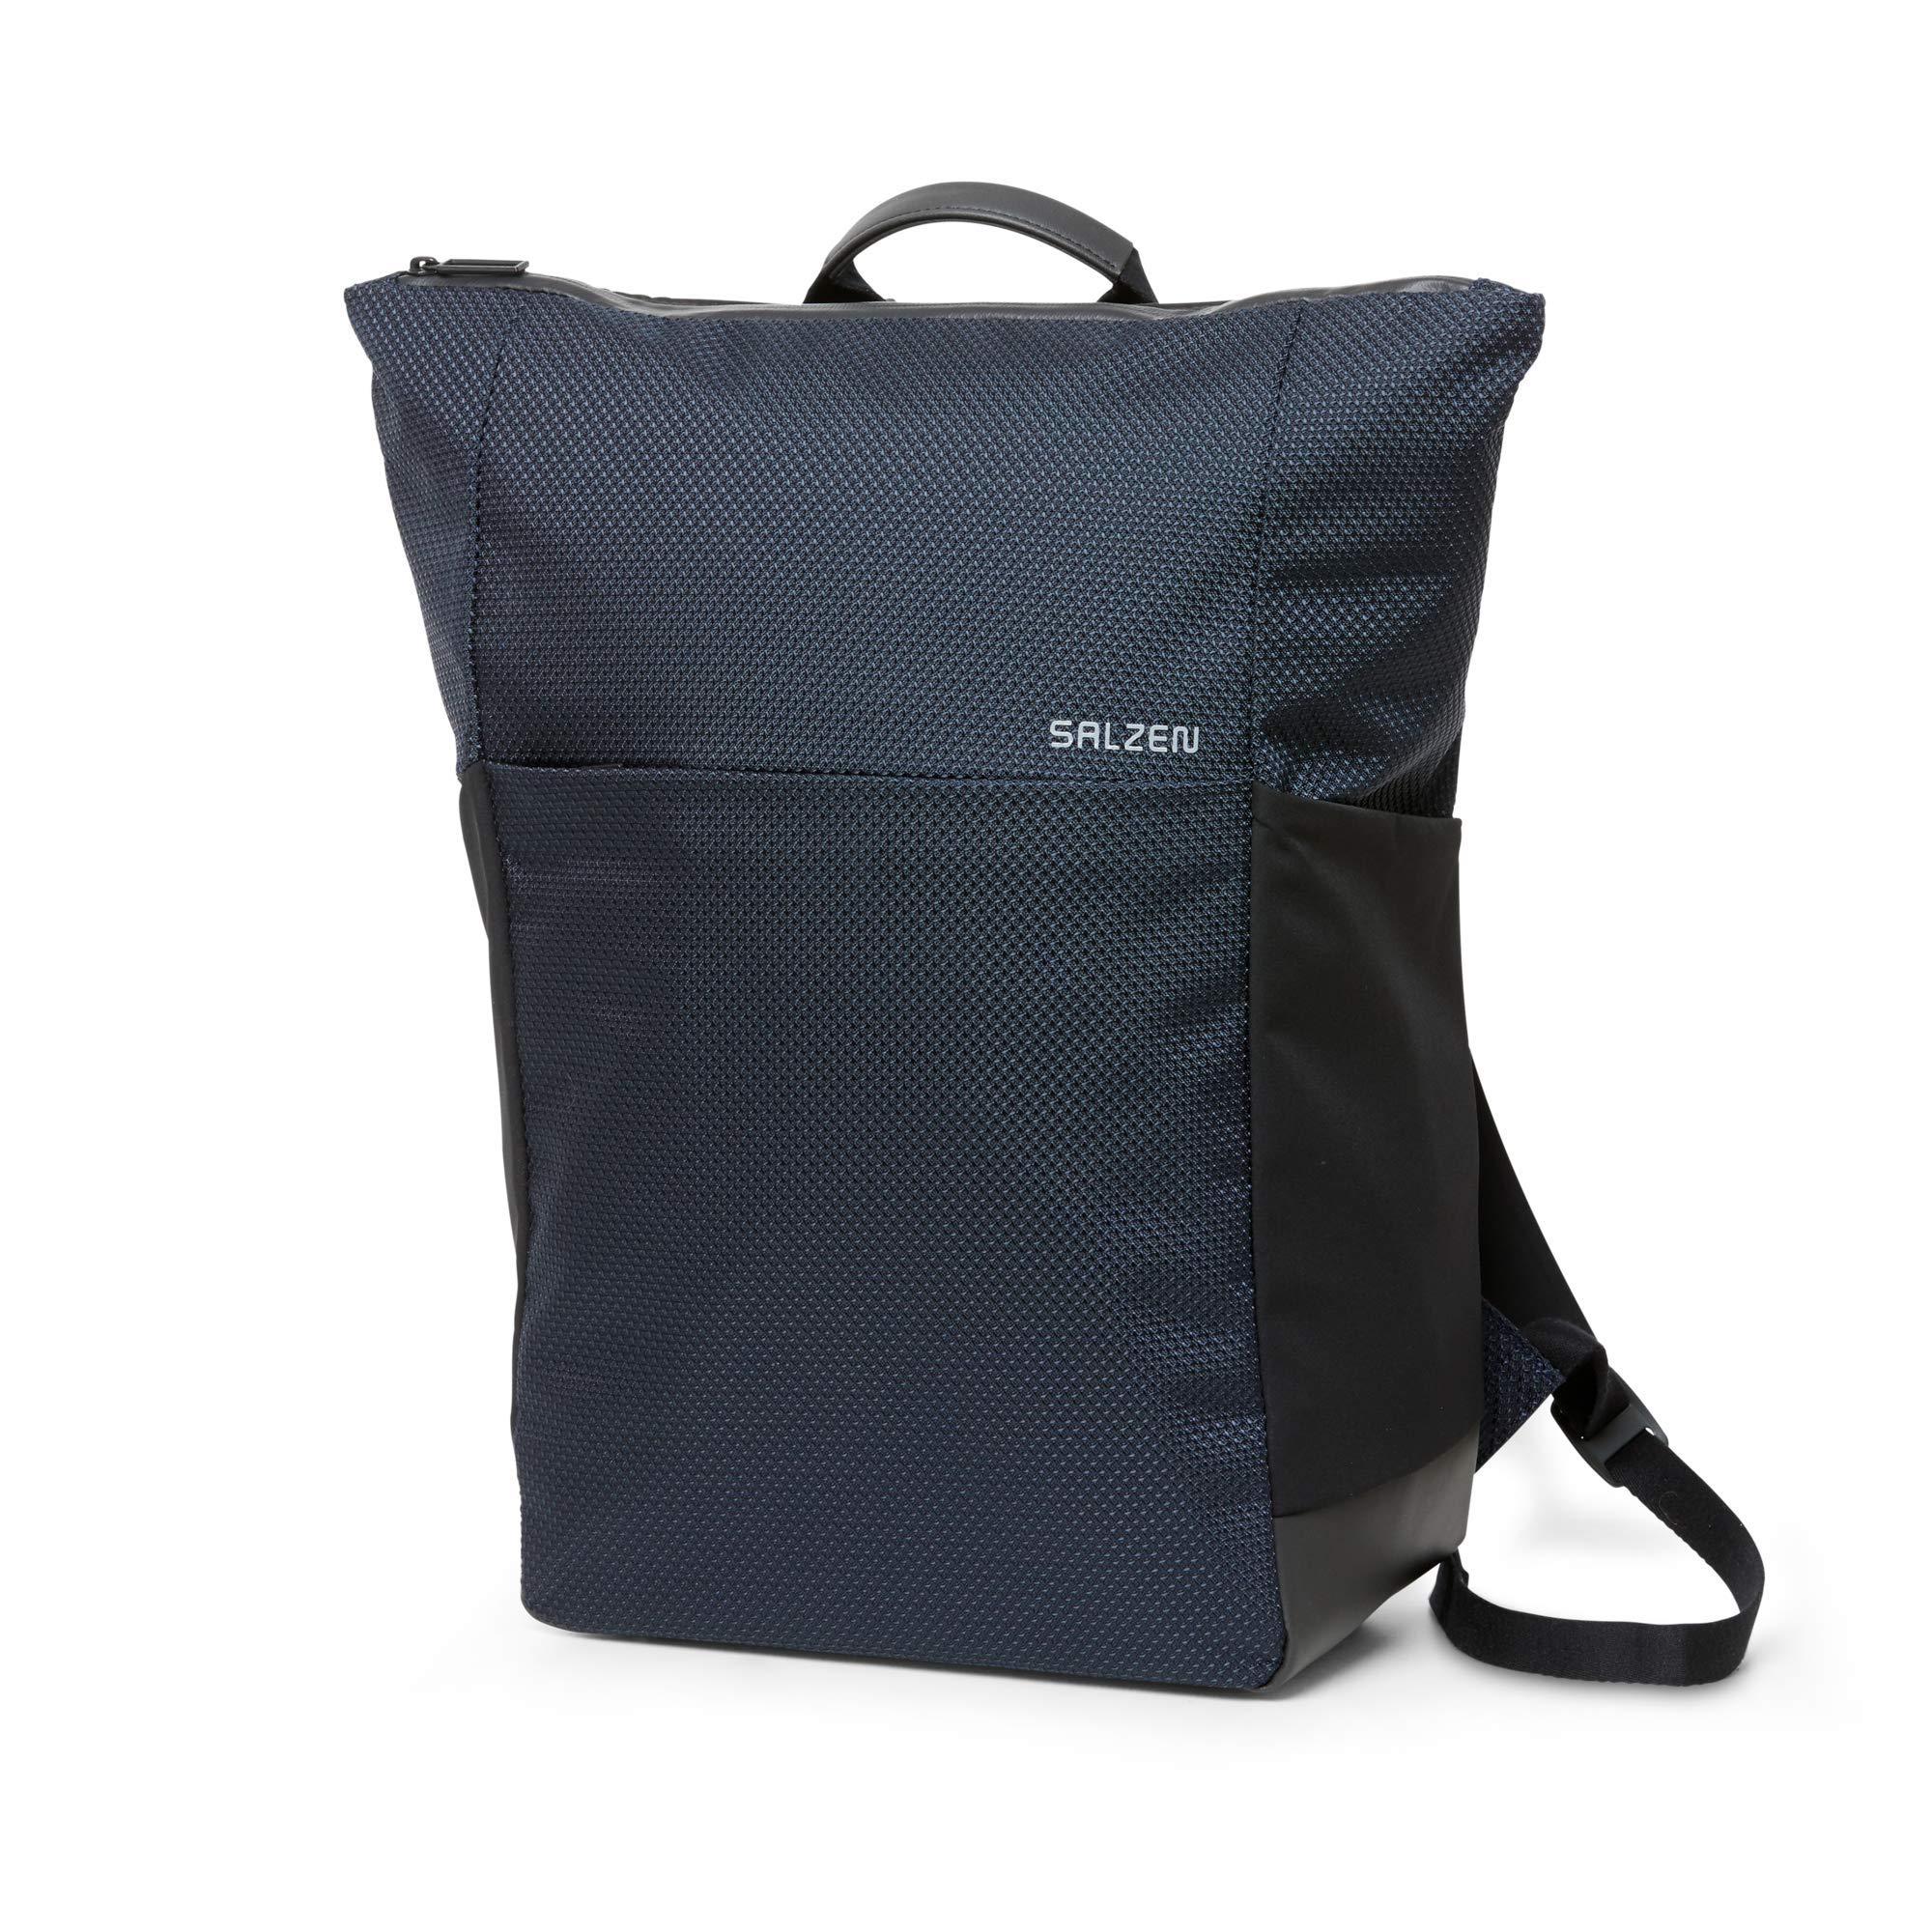 SALZEN Handtaschen Taschen ZEN-PBP-001-389_389 KNIGHT BLU Blau 0Hmpu